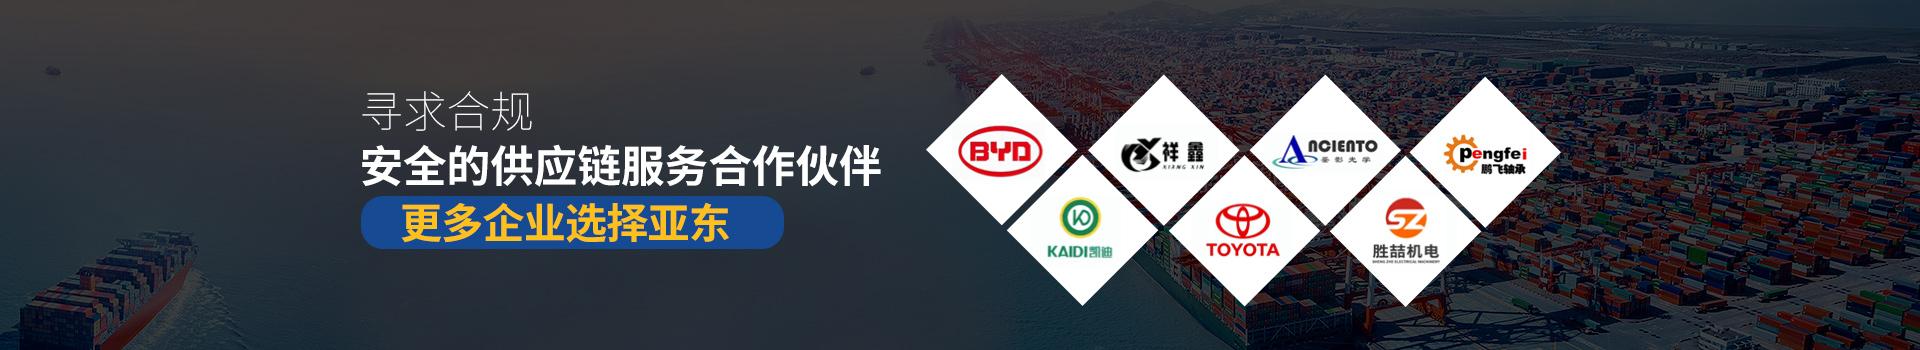 亚东供应链-寻求合规安全的供应链服务合作伙伴